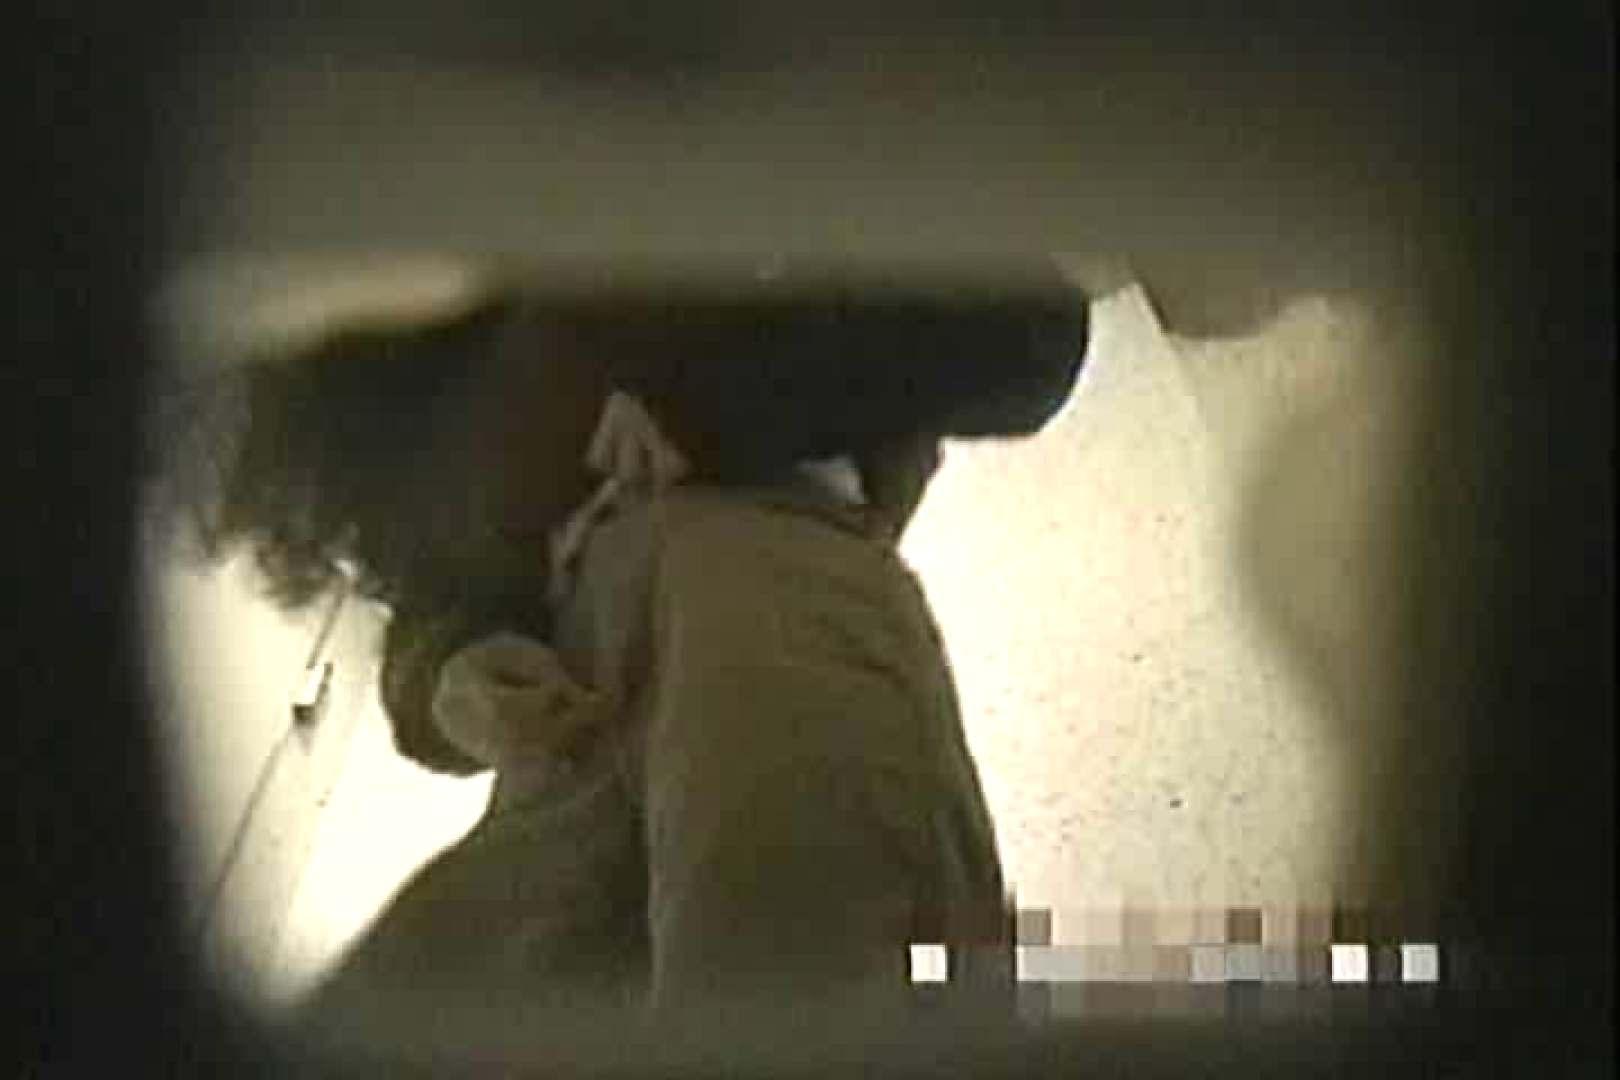 女子洗面所盗撮 今度の2カメは若い子だらけ  TK-127 小悪魔ギャル | 独占盗撮  49連発 31